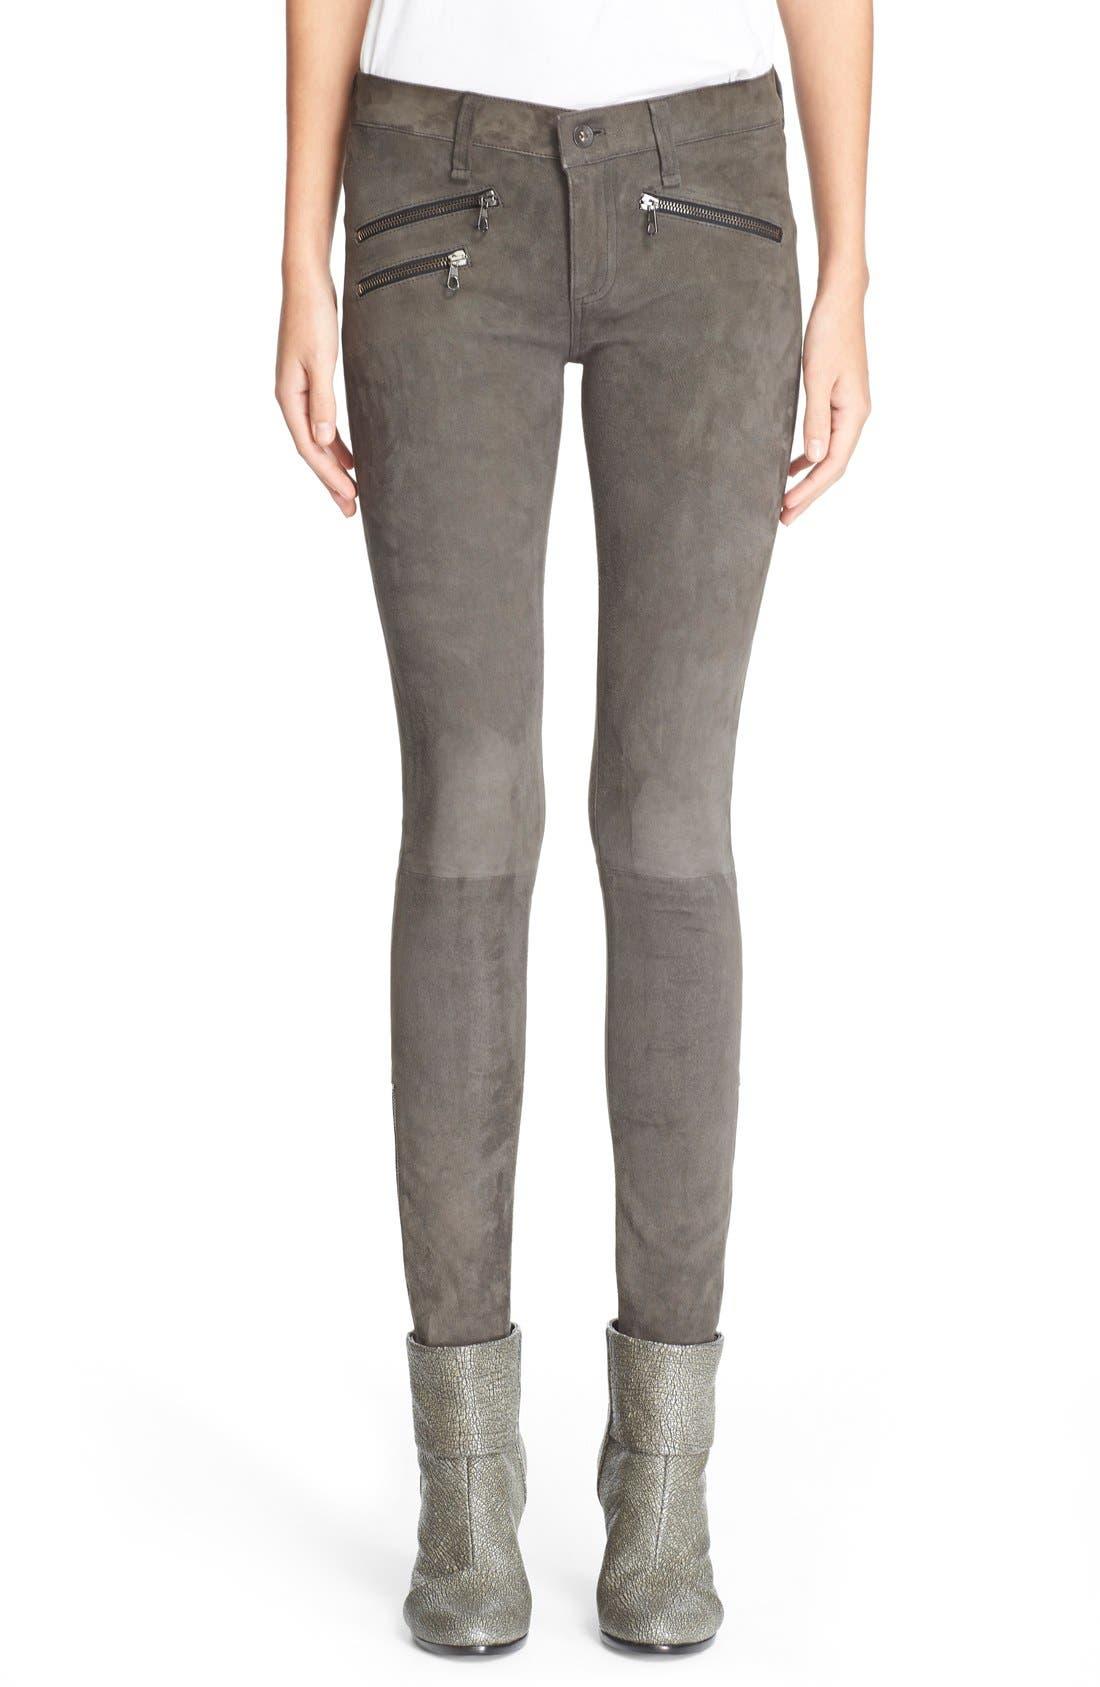 Alternate Image 1 Selected - rag & bone/JEAN 'RBW23' Suede Skinny Pants